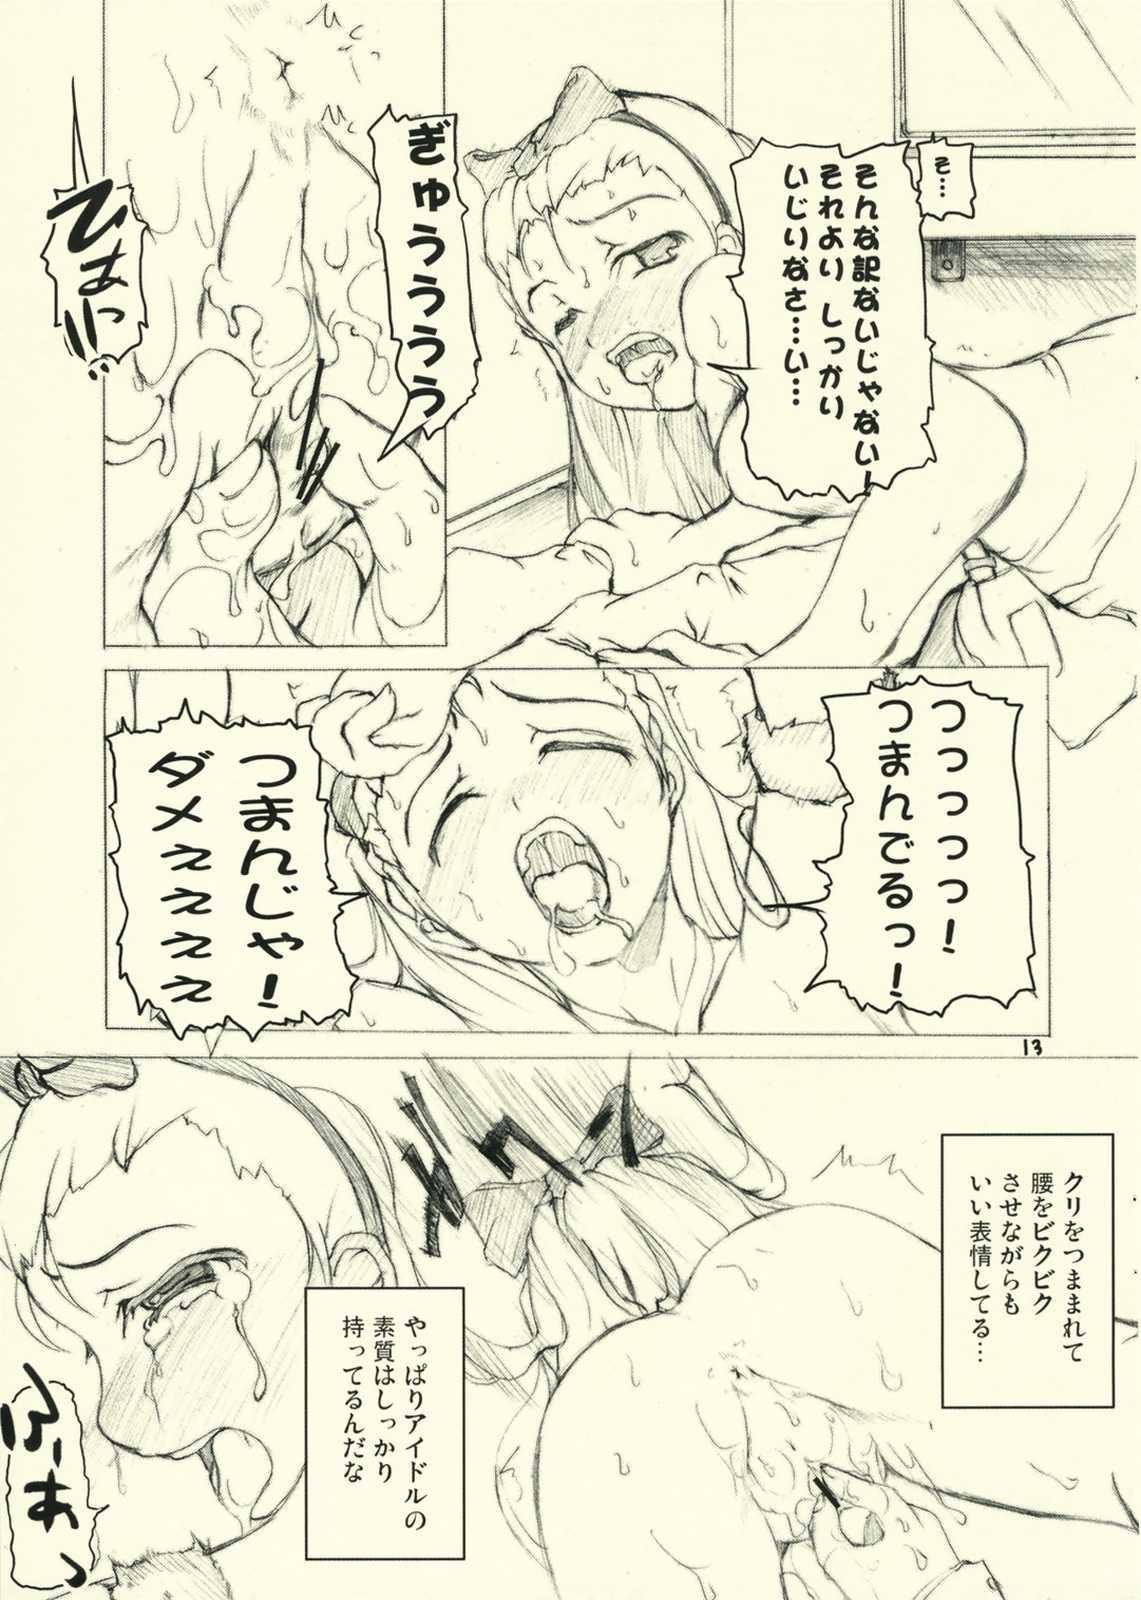 Hatsujou Ricchan 12